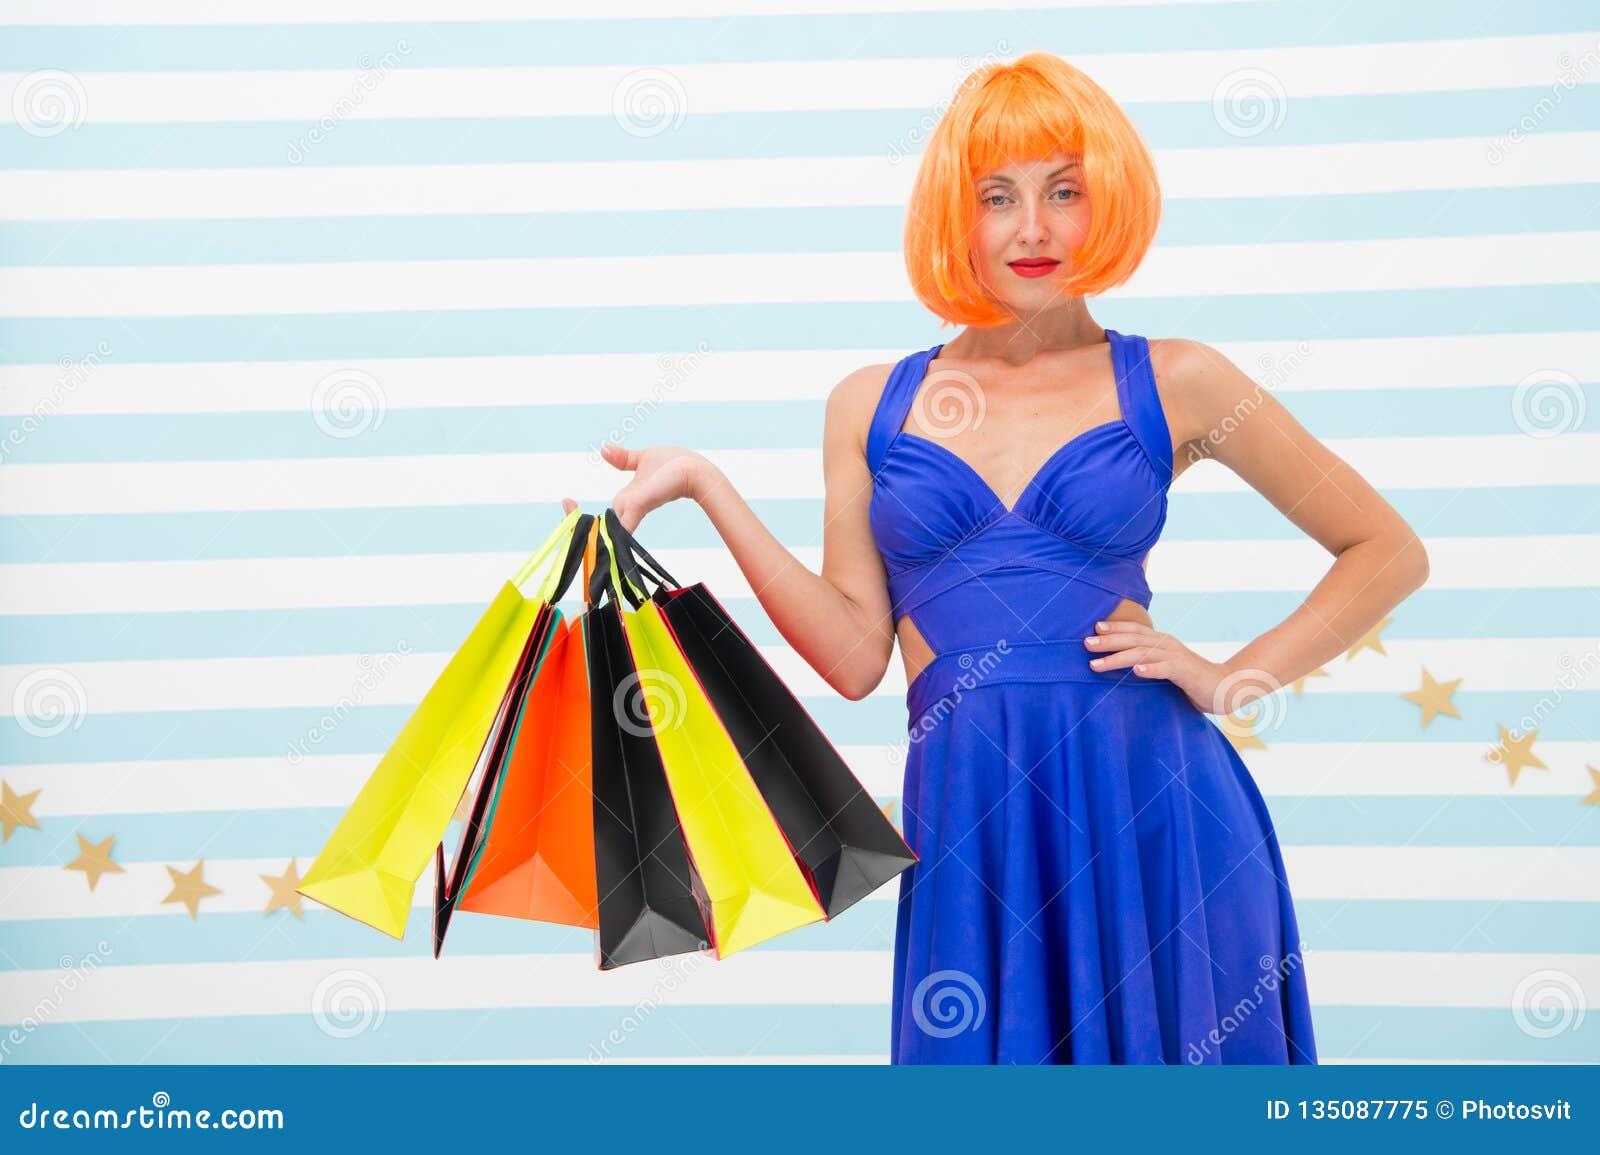 Es negocio Moda Ventas negras de viernes La mujer feliz va a hacer compras Compras felices en línea Buenas fiestas Muchacha loca